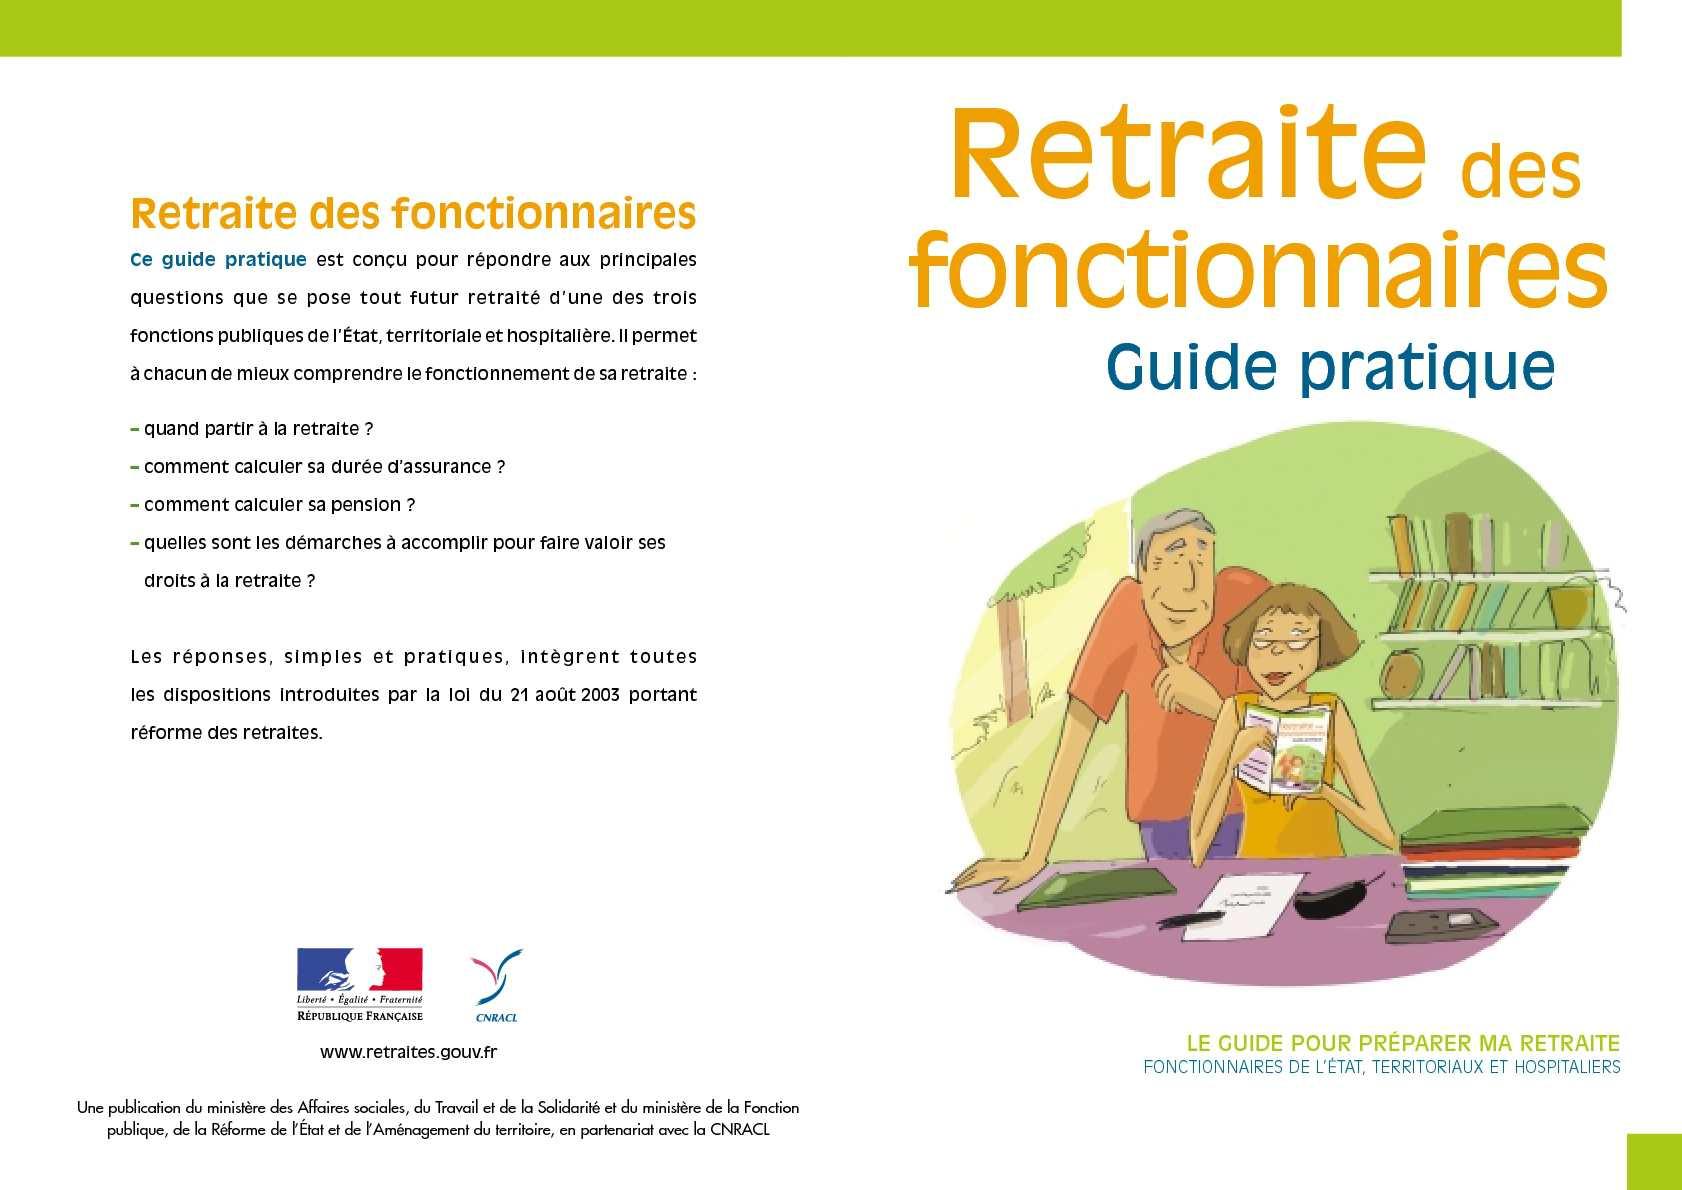 Calameo Guide Pratique De La Retraite Des Fonctionnaires